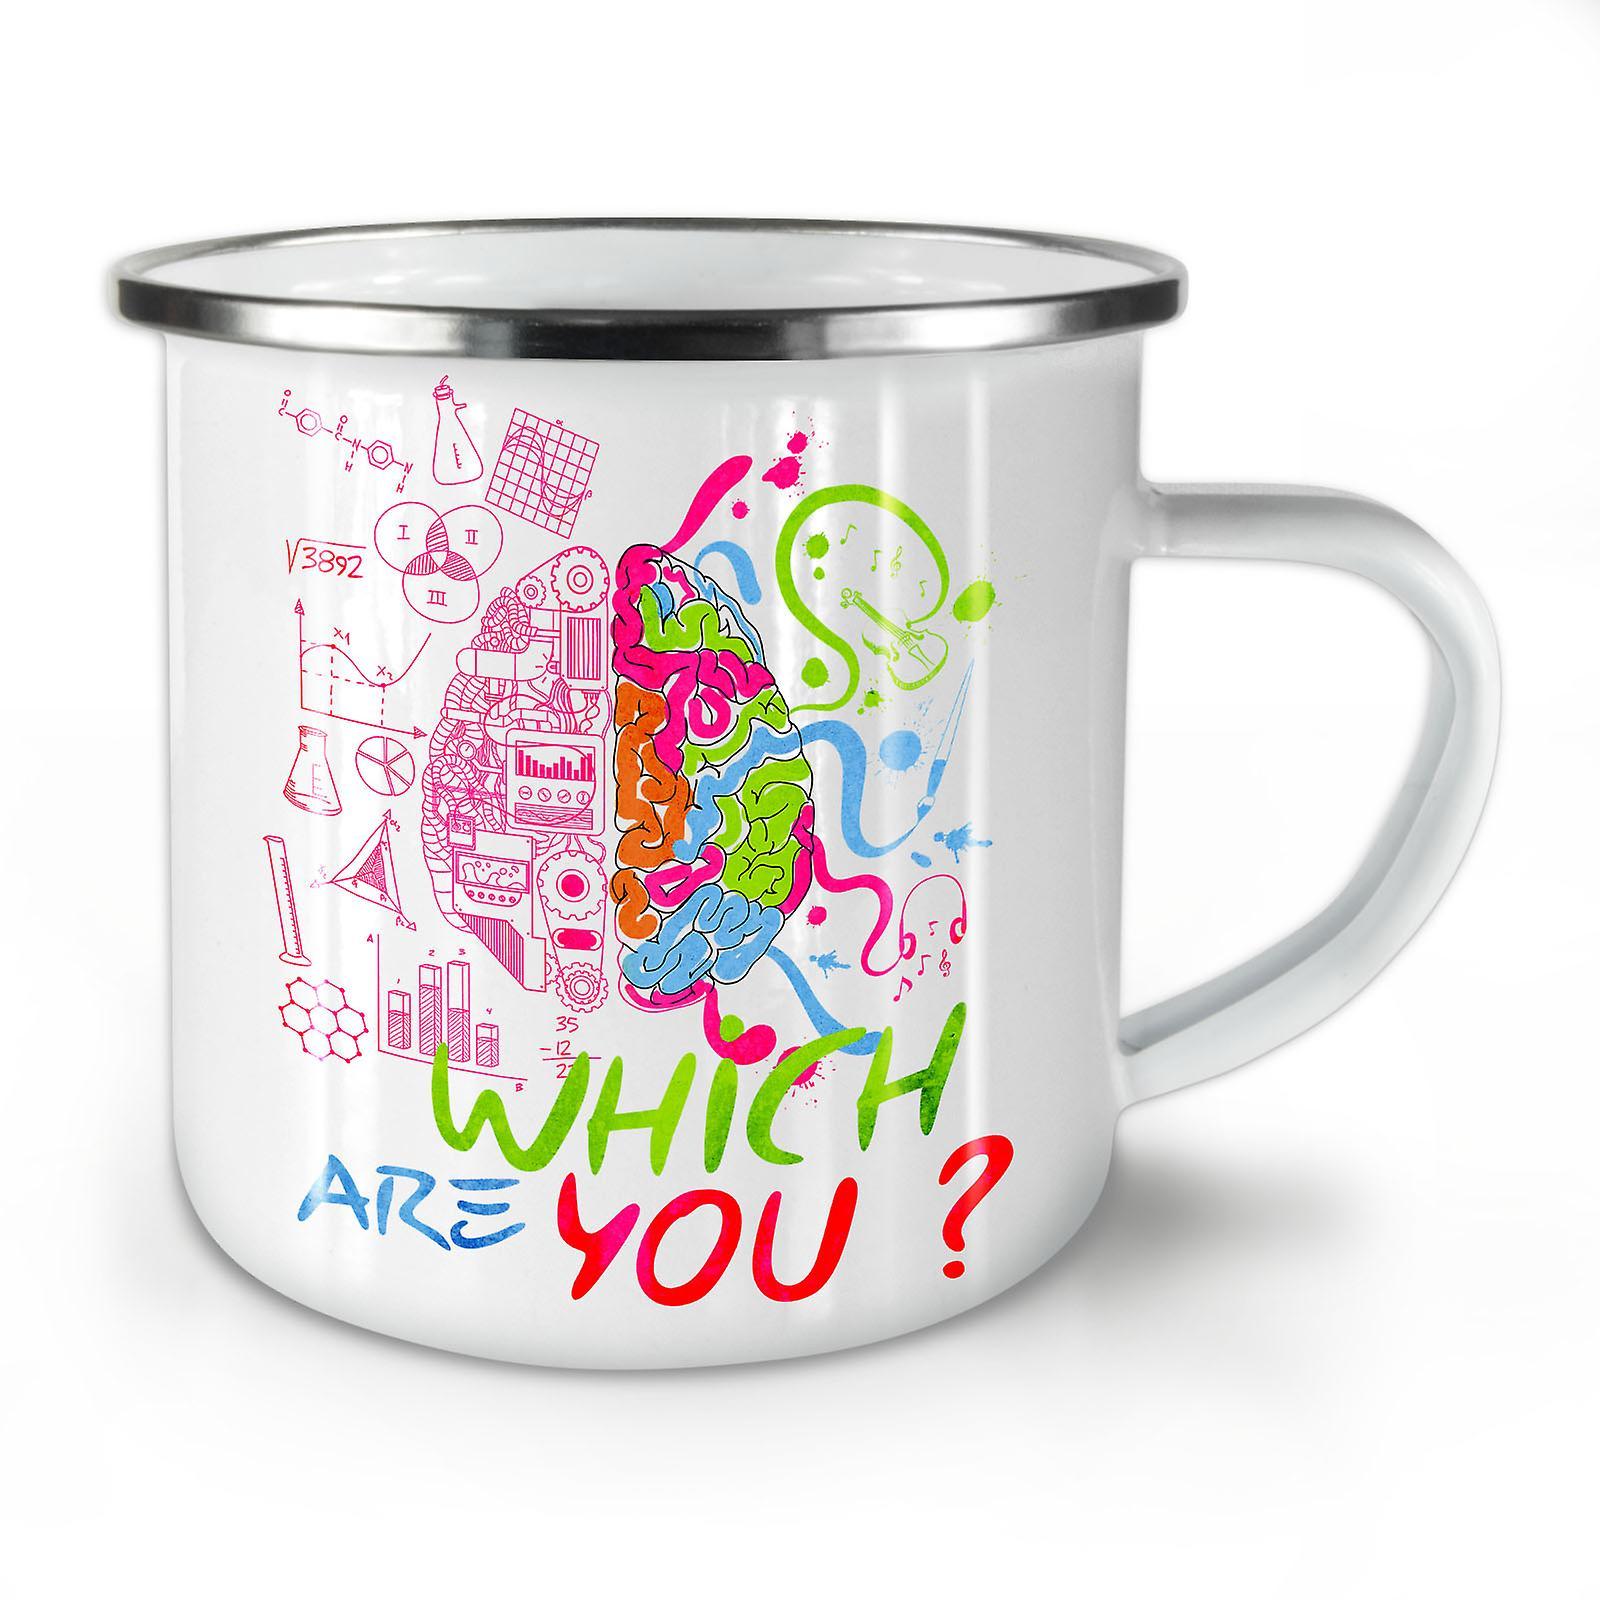 Cool as fuck enamel mug